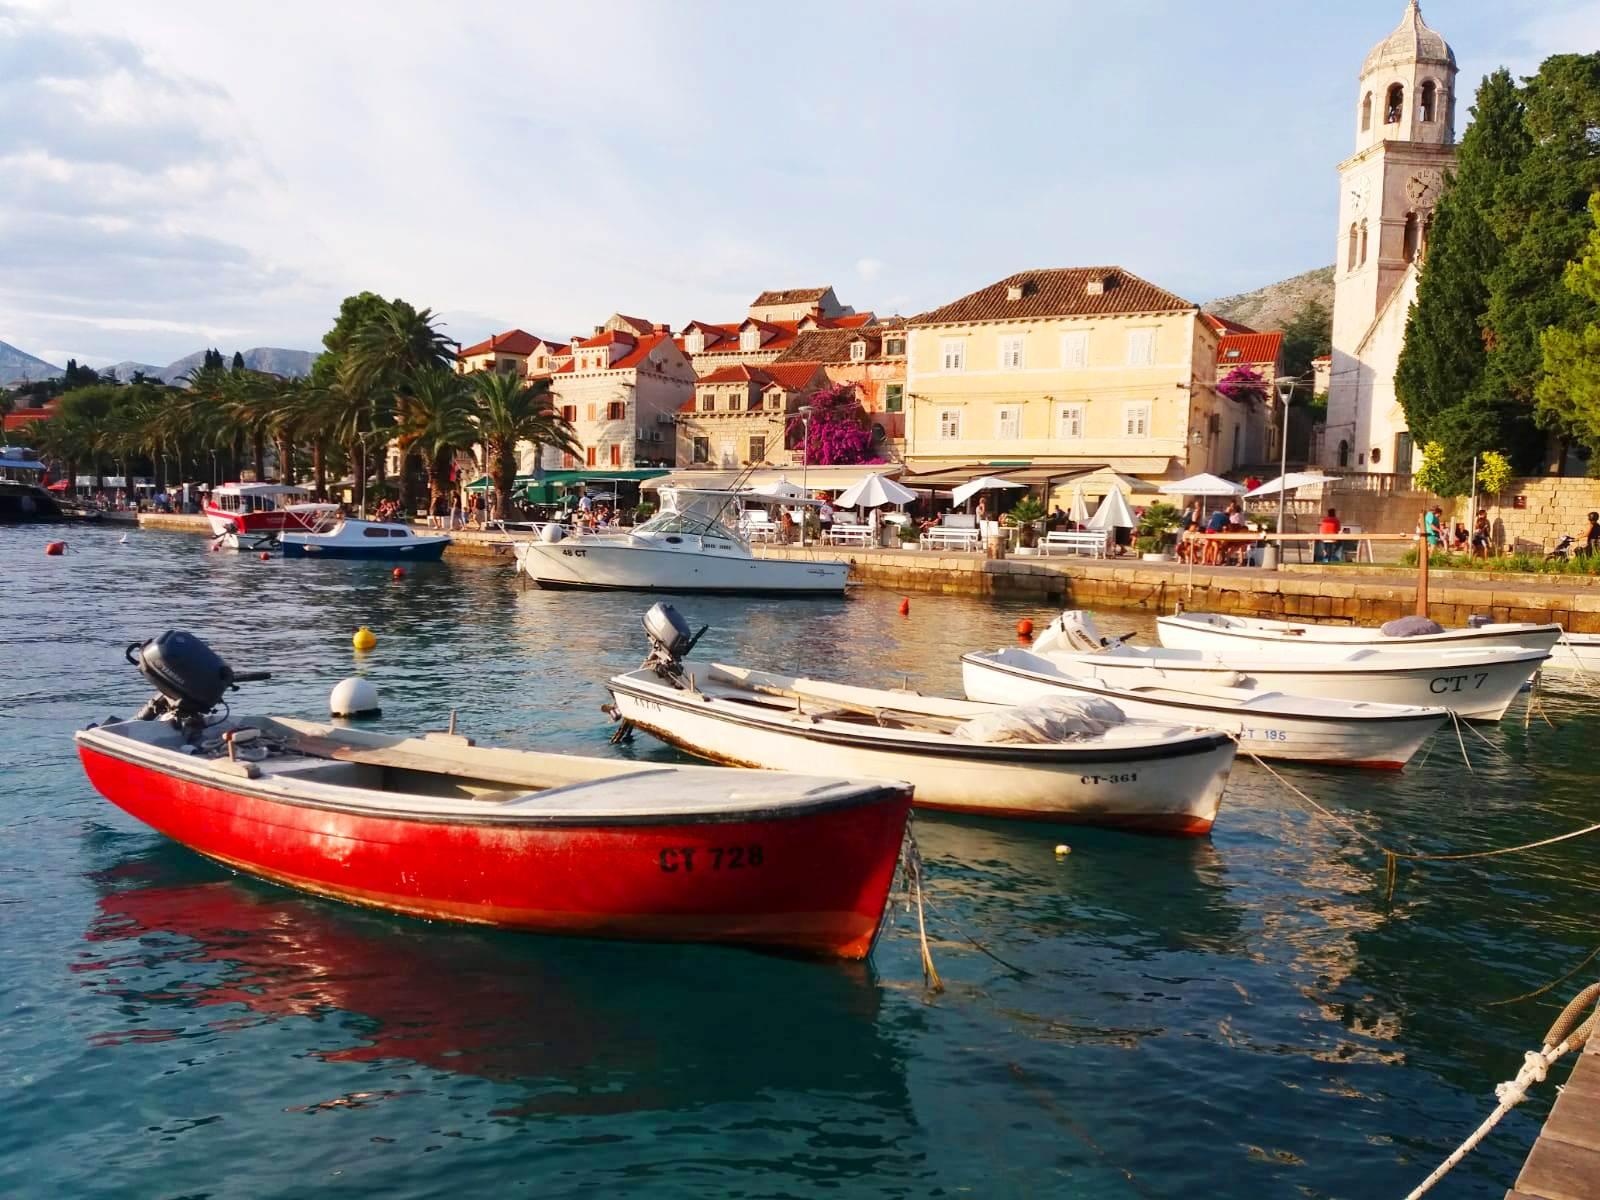 Vacanţă în Croaţia, staţiunea Cavtat, foto @ANCAPAVEL.RO